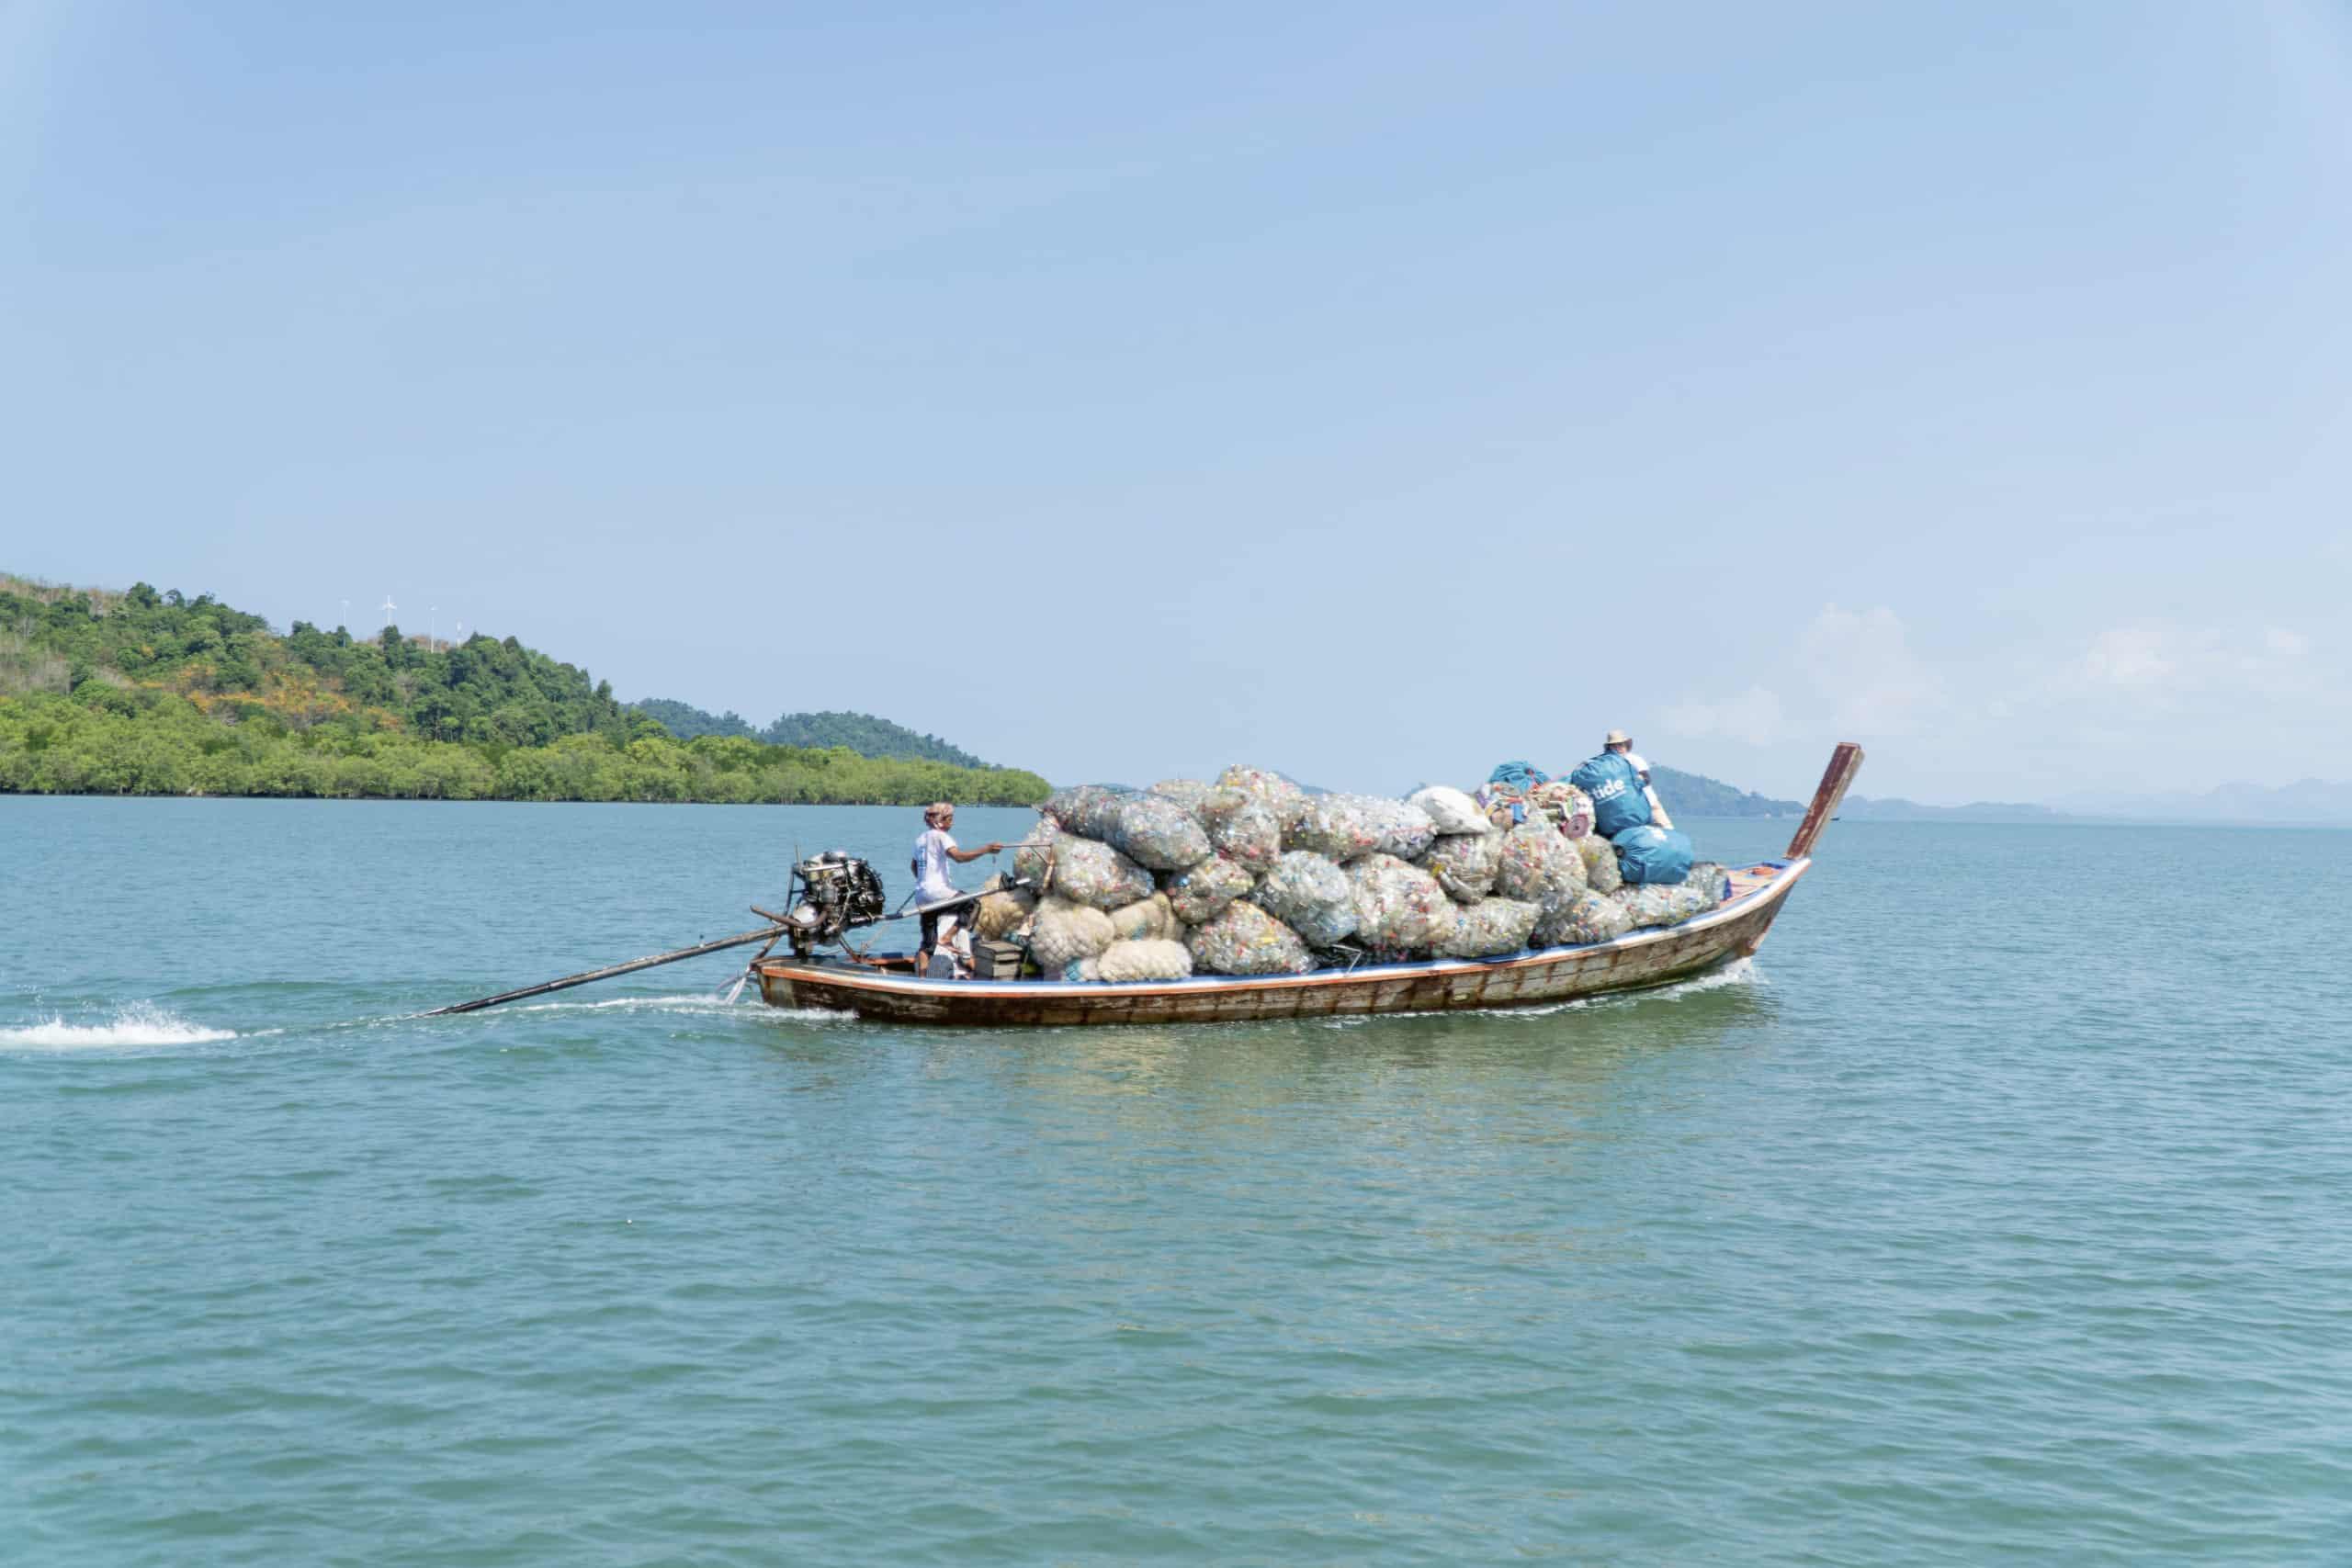 In Asien wird Müll inzwischen in einigen Ländern gesammelt. Diese Arbeit schafft auch Arbeitsplätze.